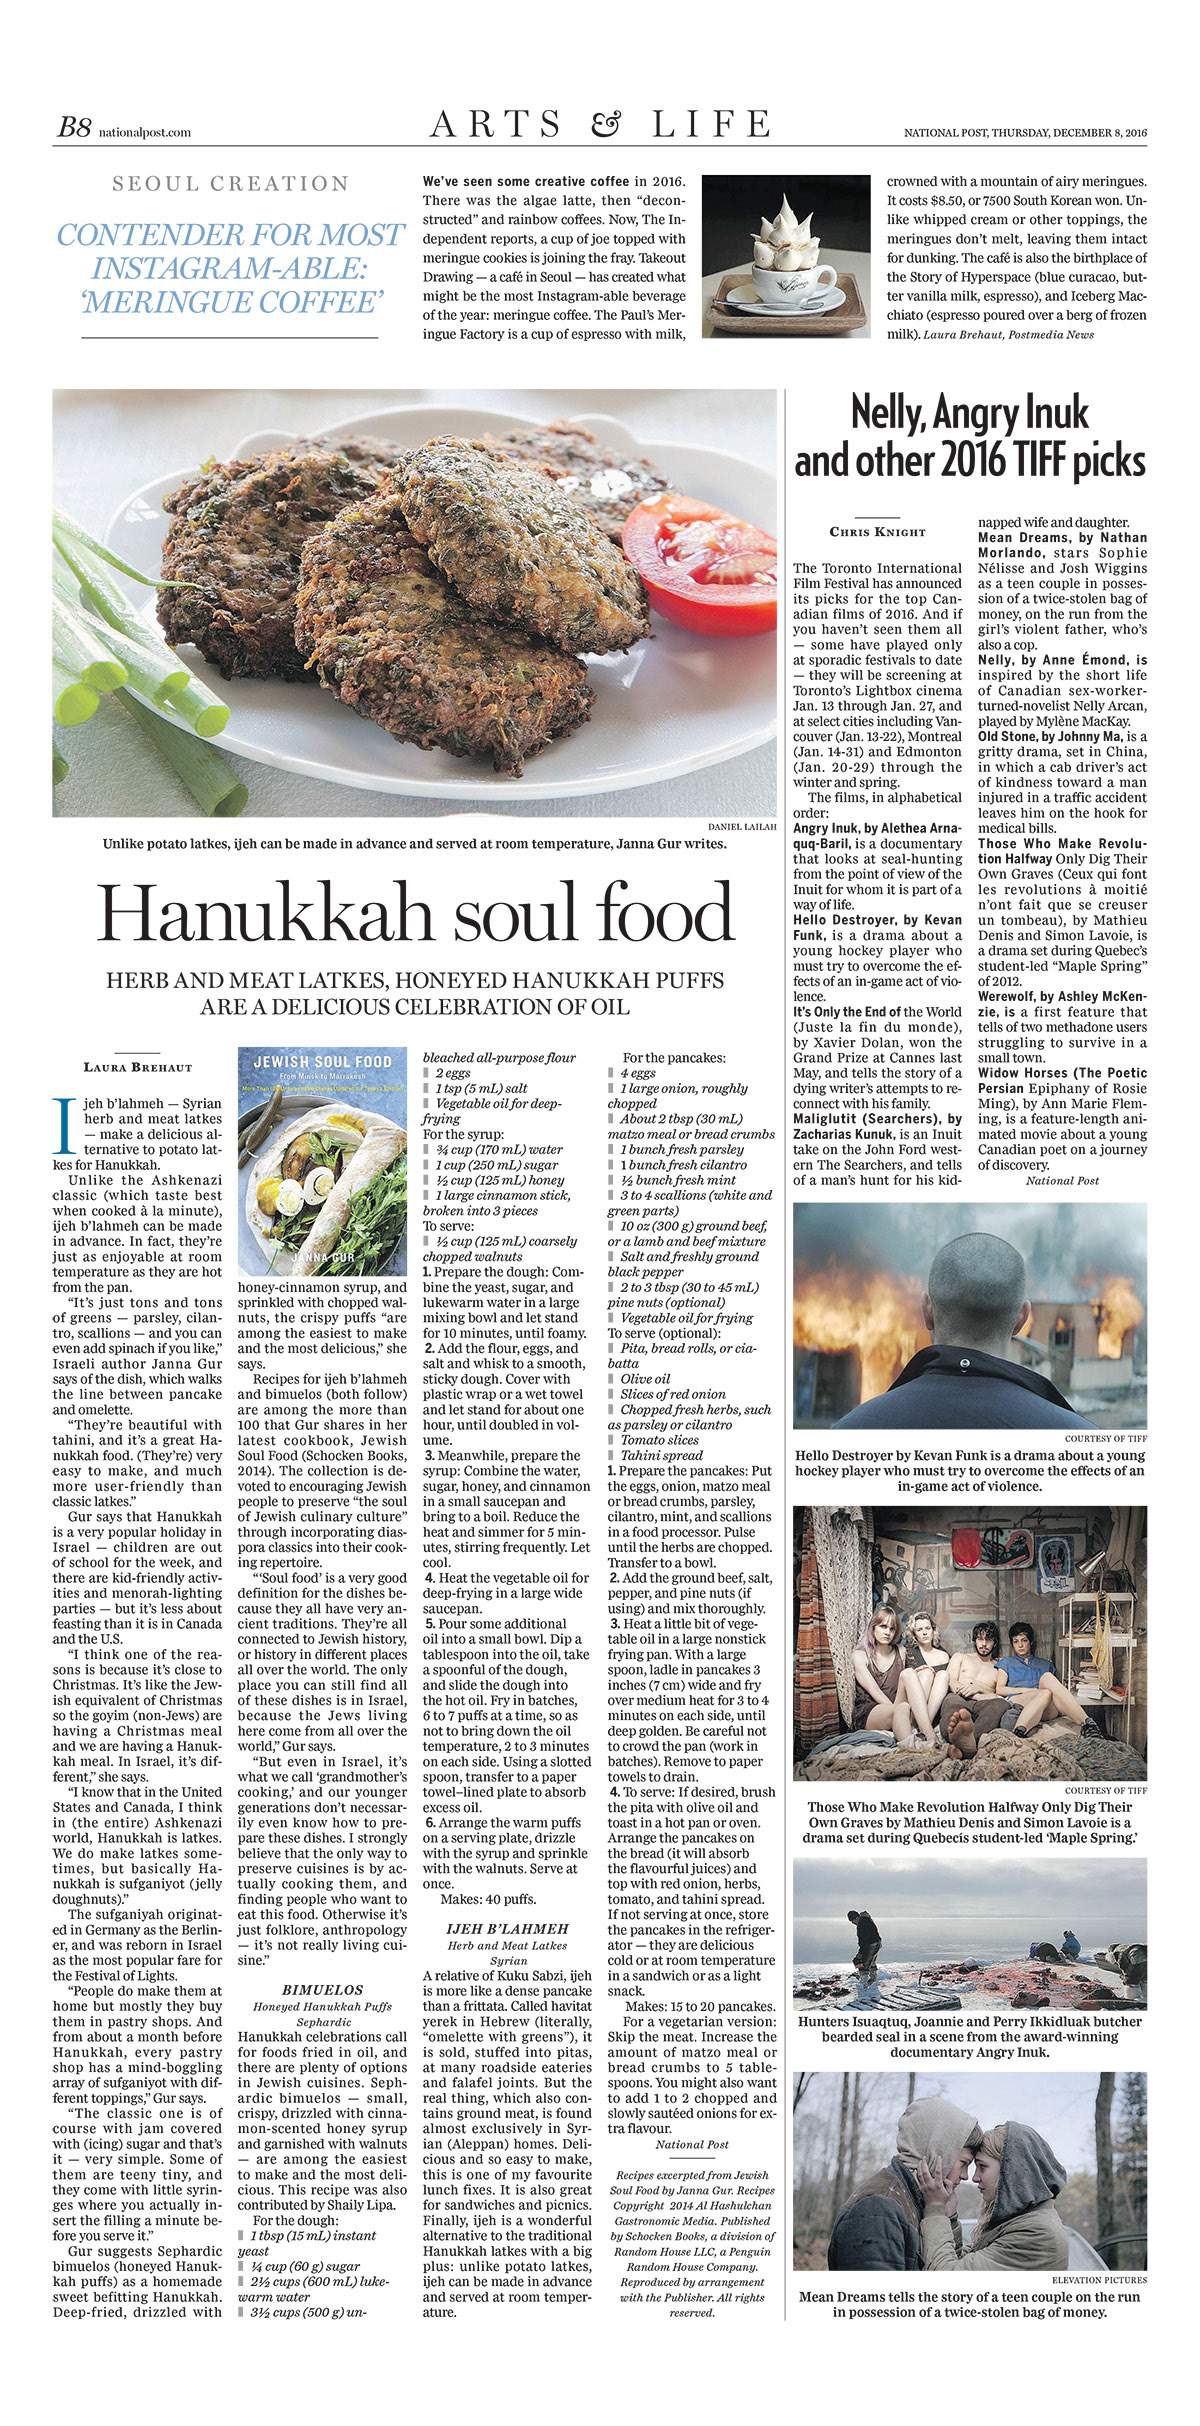 Laura Brehaut - 'Jewish Soul Food' for Hanukkah